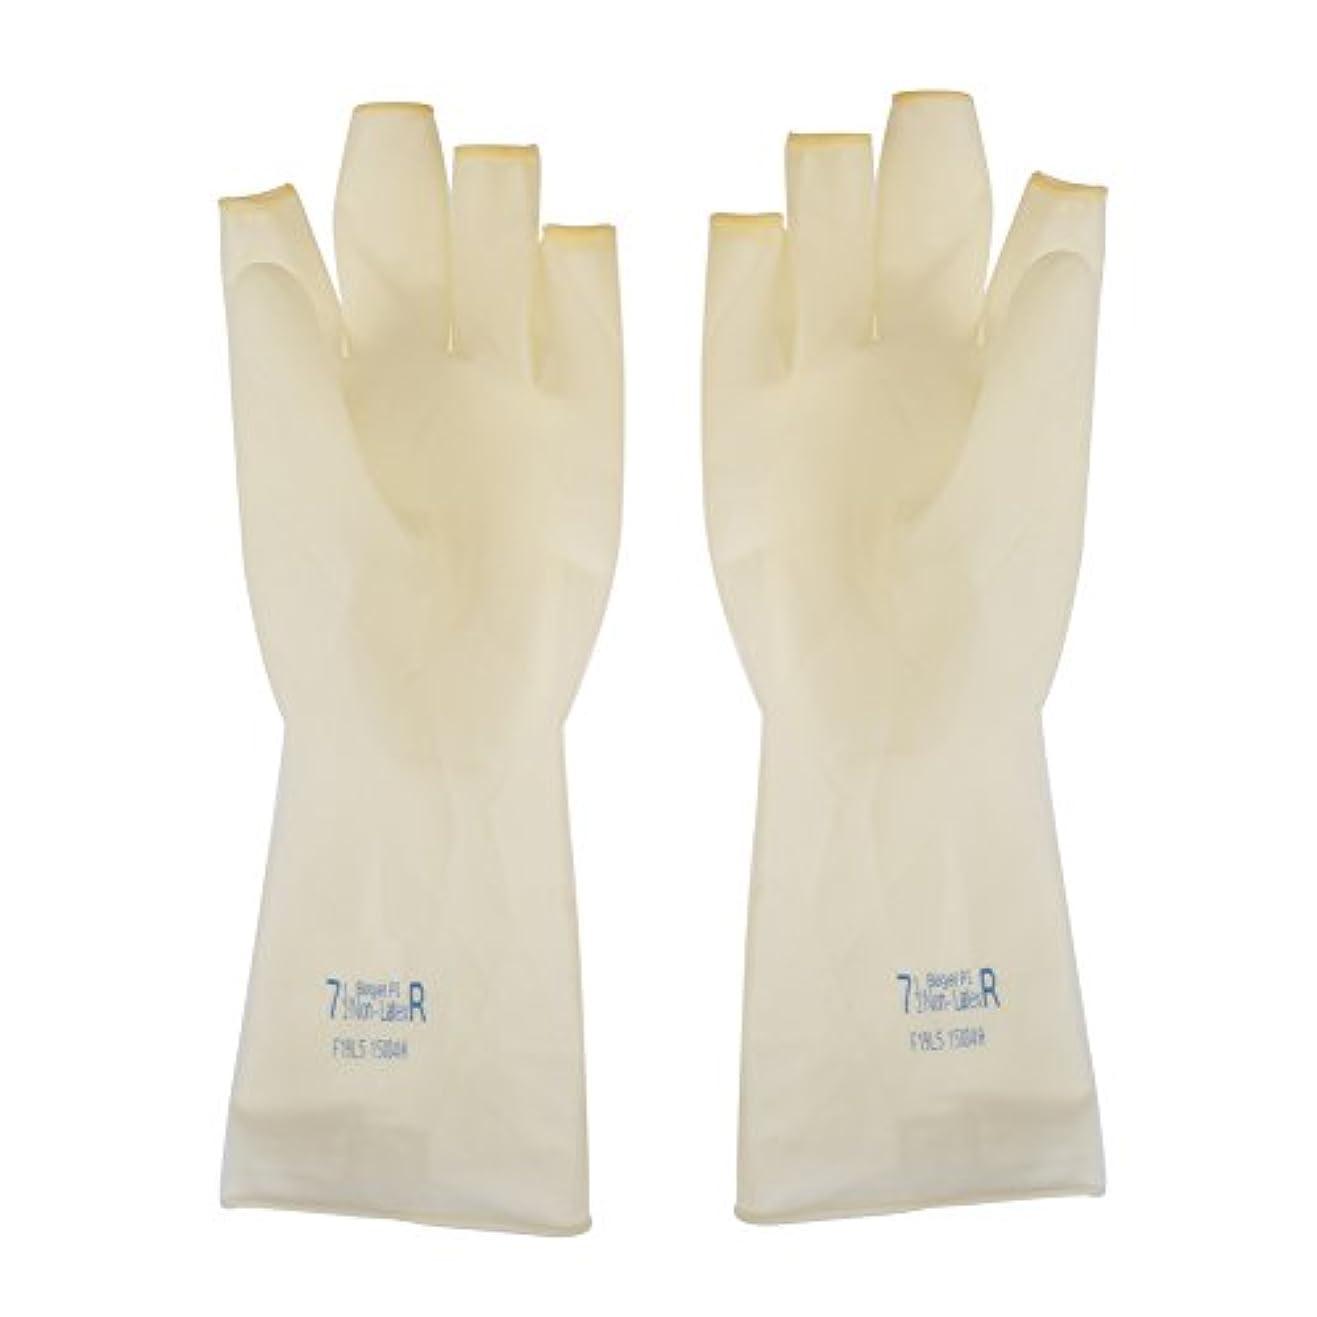 でるクスコ見るAEdiea 1ペア ゴム手袋   毛染め手袋 使い捨て 弾性 伸縮性 ヘアサロン サロンツール (M)